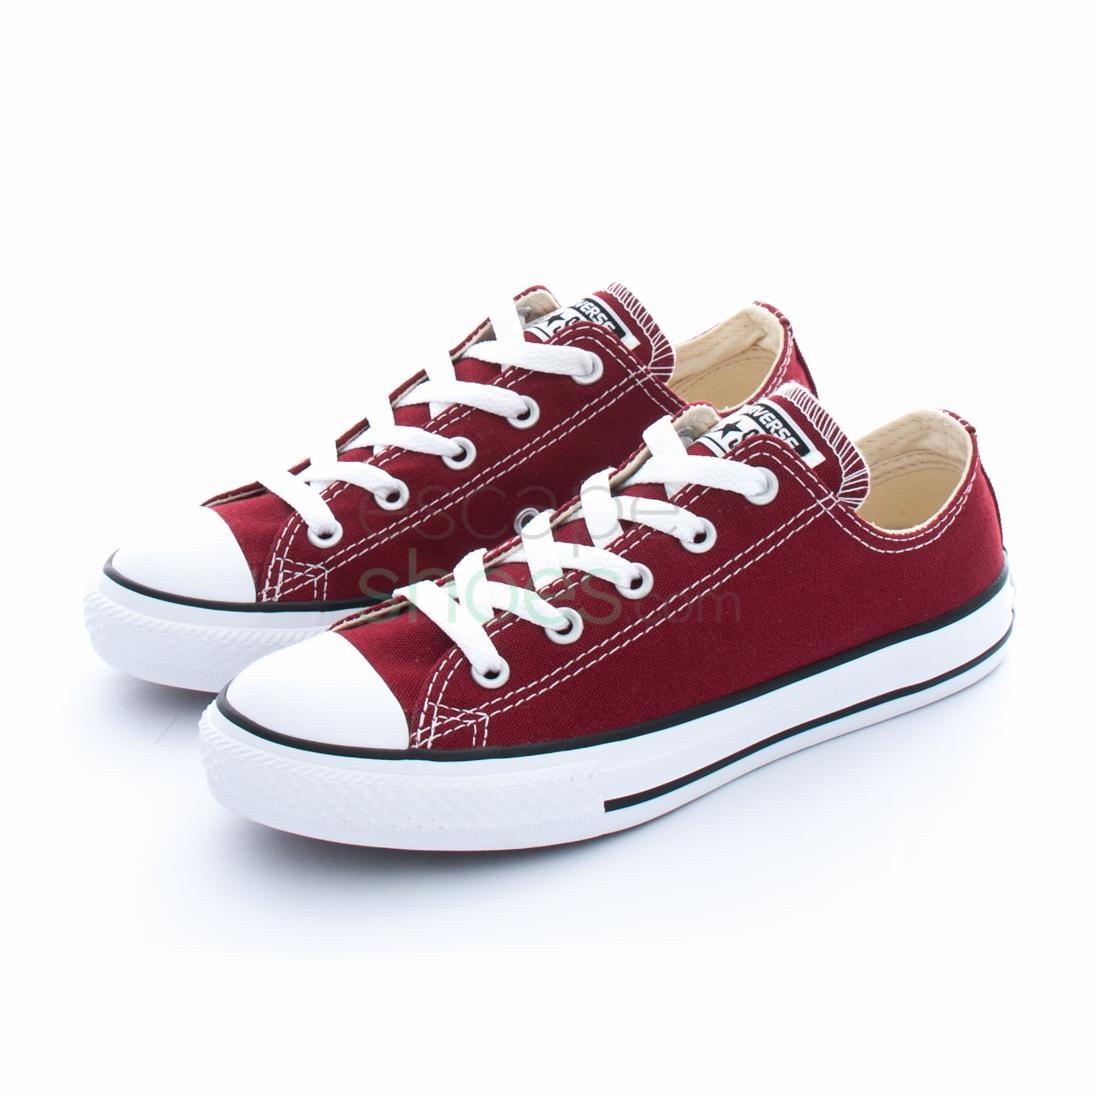 Compra aquí tus Zapatillas CONVERSE Chuck Taylor All Star 353870C ... 1fcd696de5246